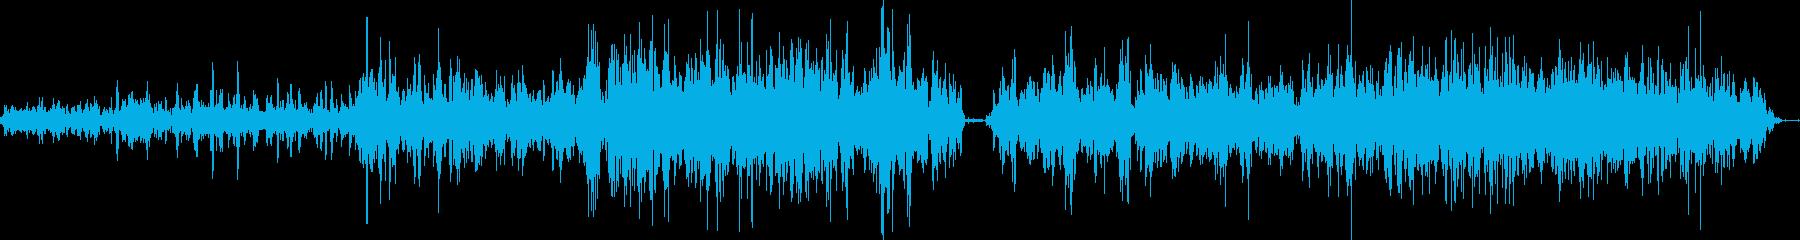 水タンクスプラッシュハル泡アップサイドの再生済みの波形